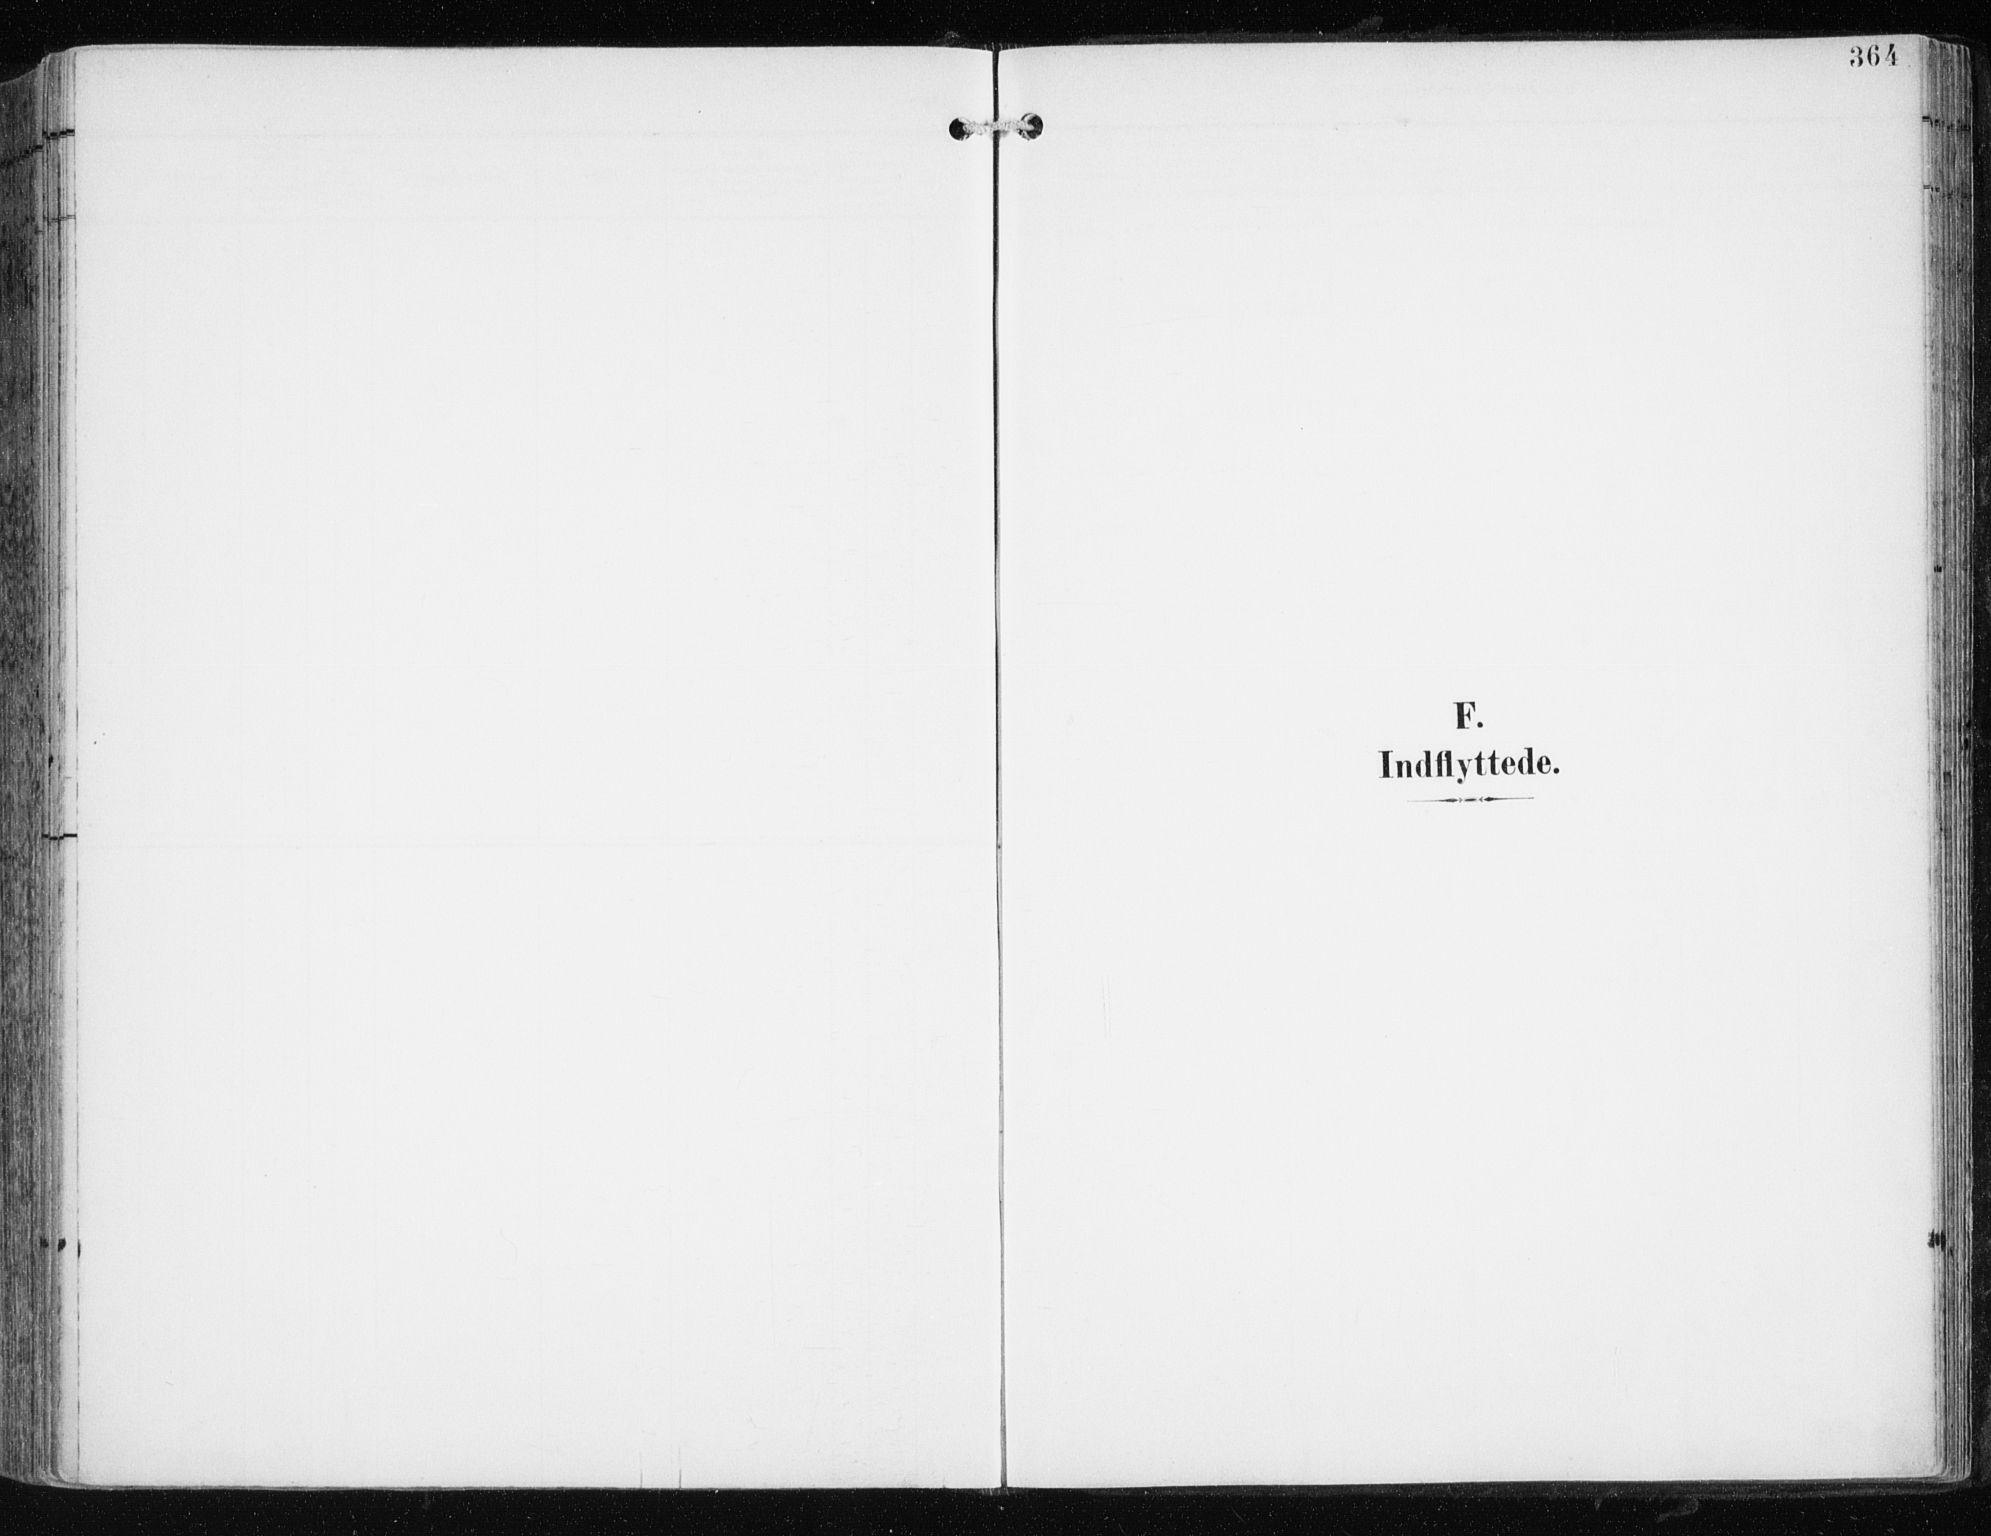 SATØ, Tromsøysund sokneprestkontor, G/Ga/L0006kirke: Parish register (official) no. 6, 1897-1906, p. 364